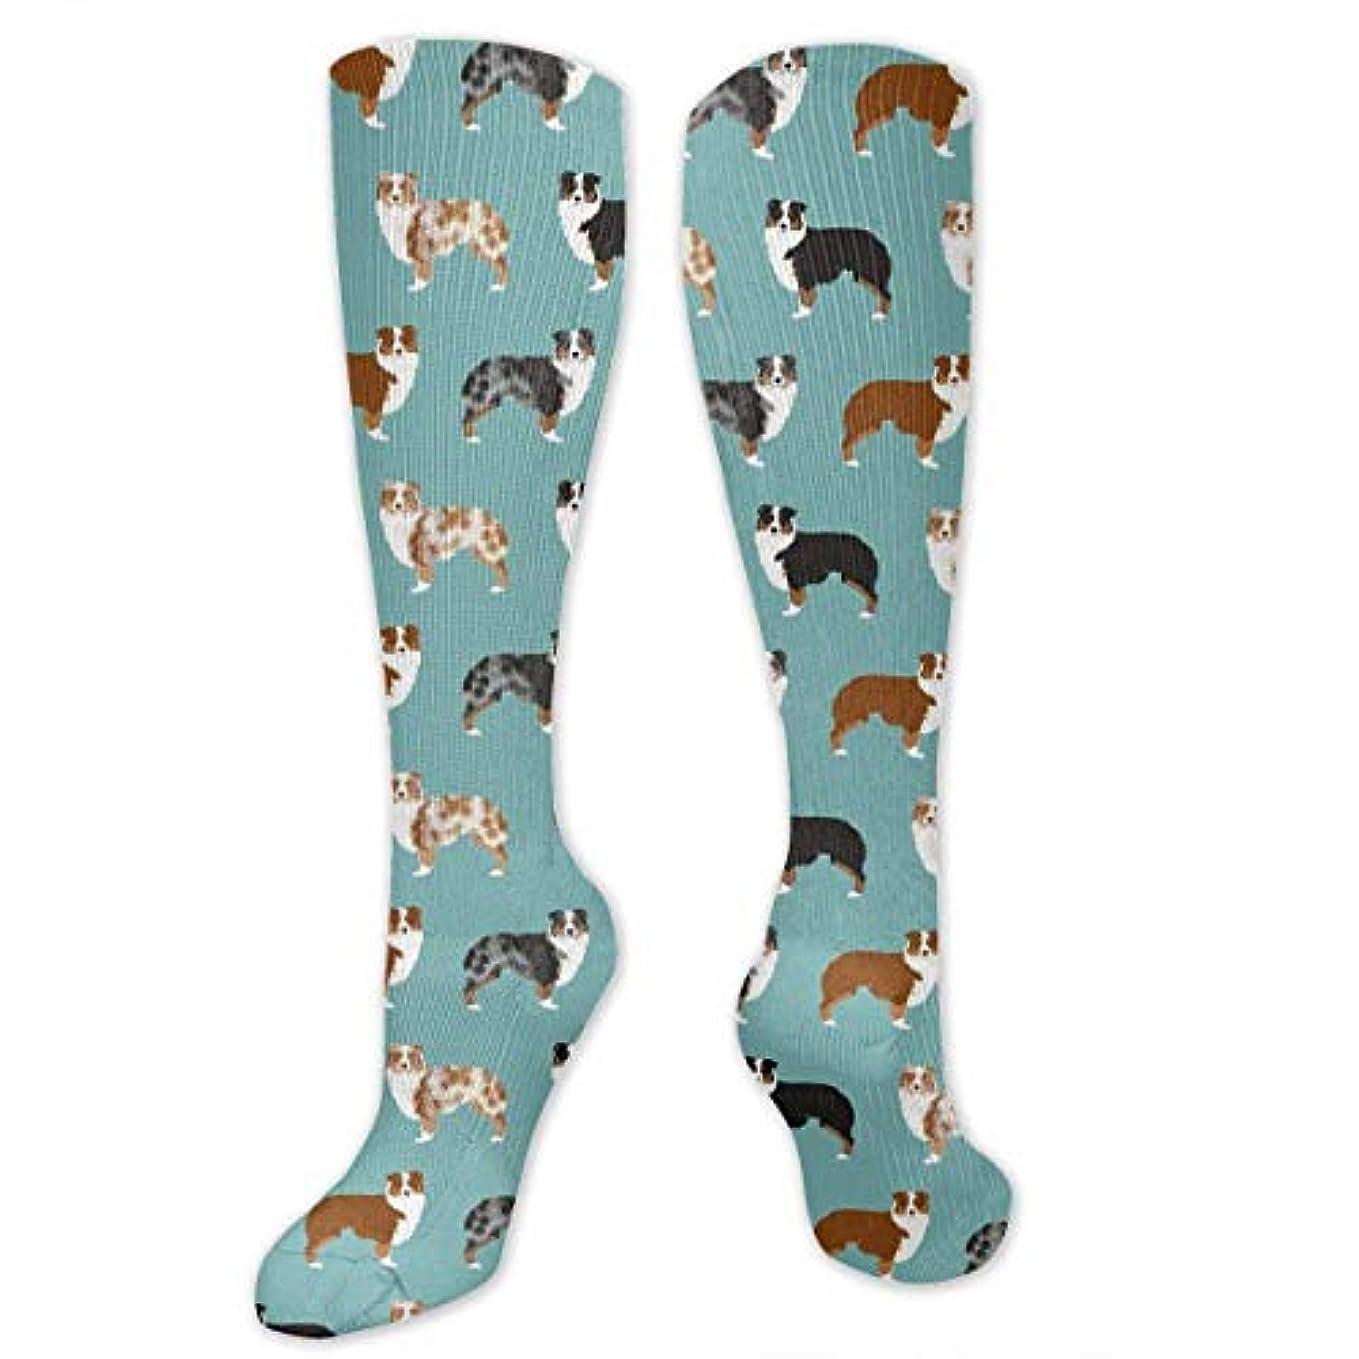 シャッフル毛布計器靴下,ストッキング,野生のジョーカー,実際,秋の本質,冬必須,サマーウェア&RBXAA Women's Winter Cotton Long Tube Socks Knee High Graduated Compression...